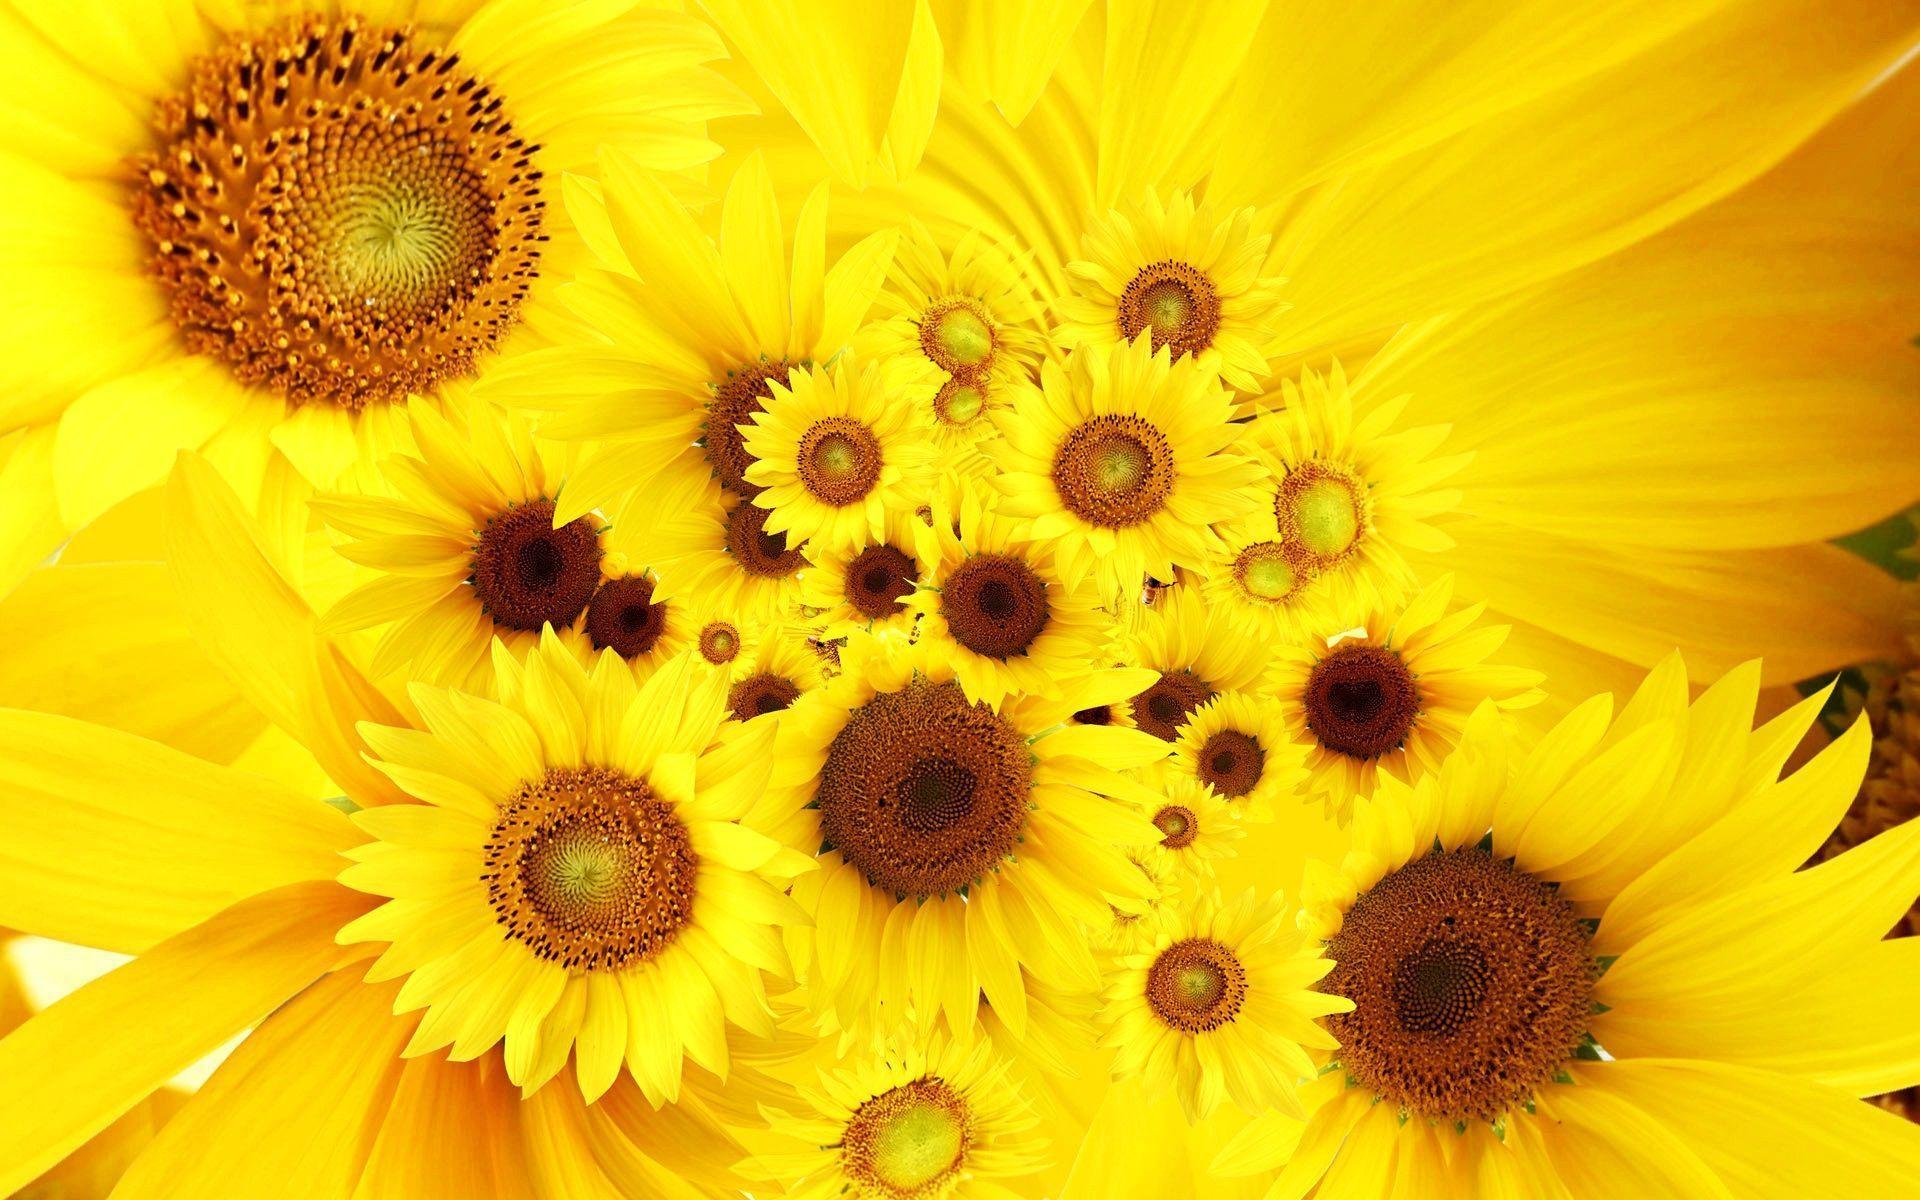 hinh nen hoa huong duong 12